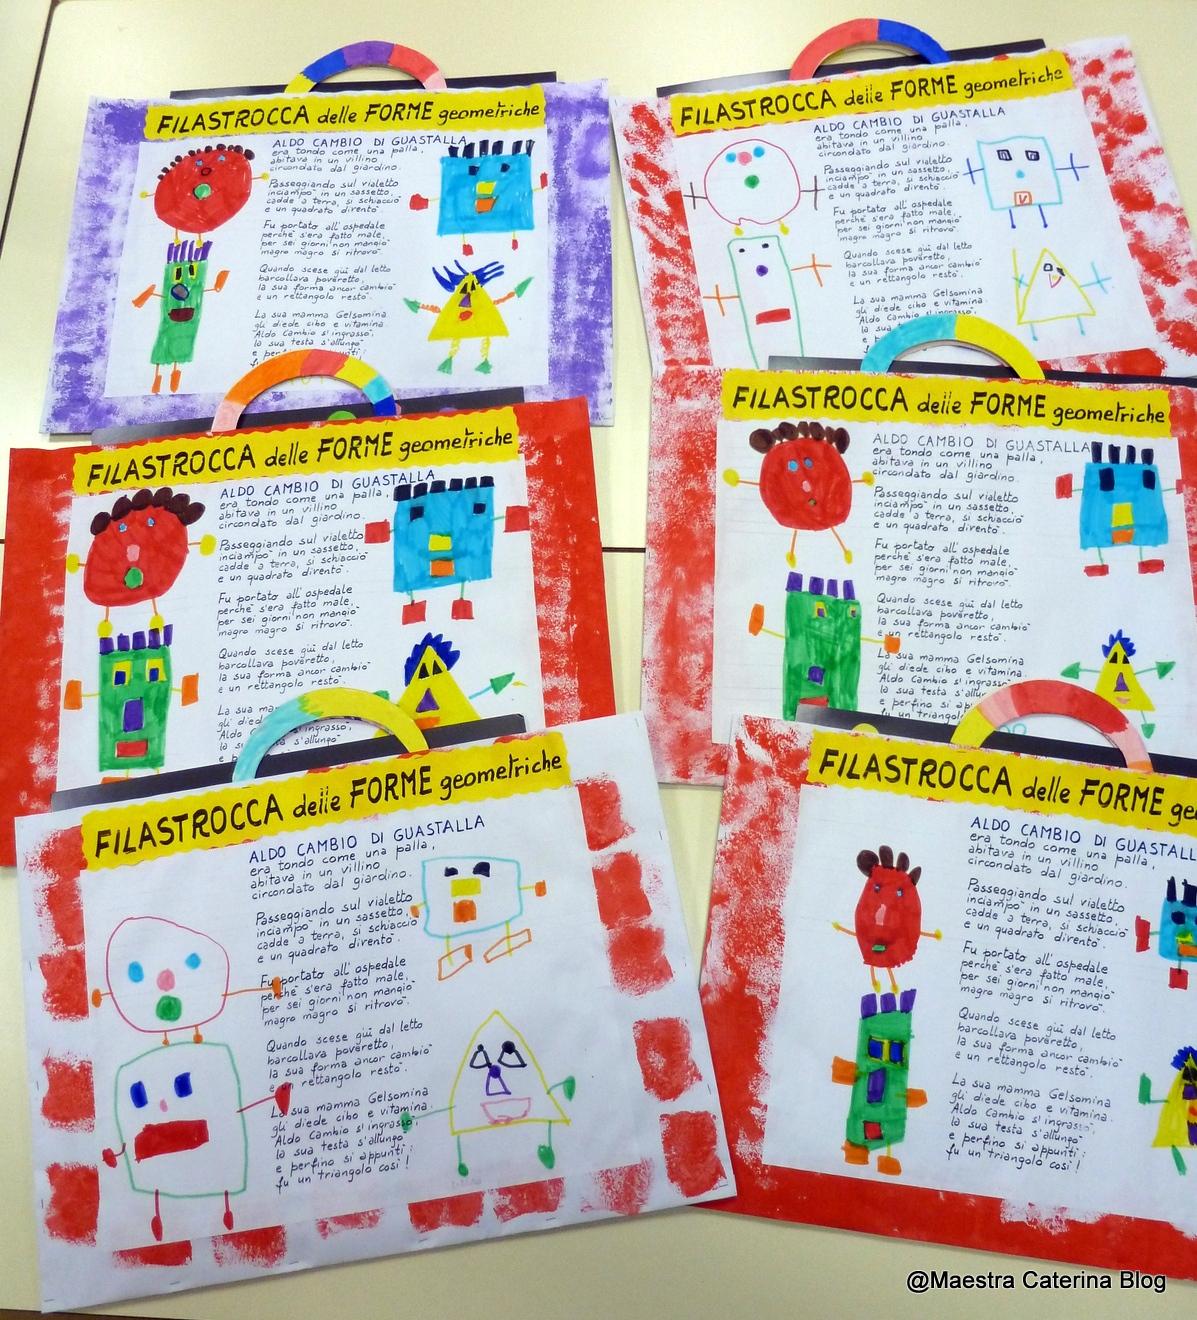 Maestra caterina filastrocca delle forme geometriche for Cartelloni di carnevale scuola primaria